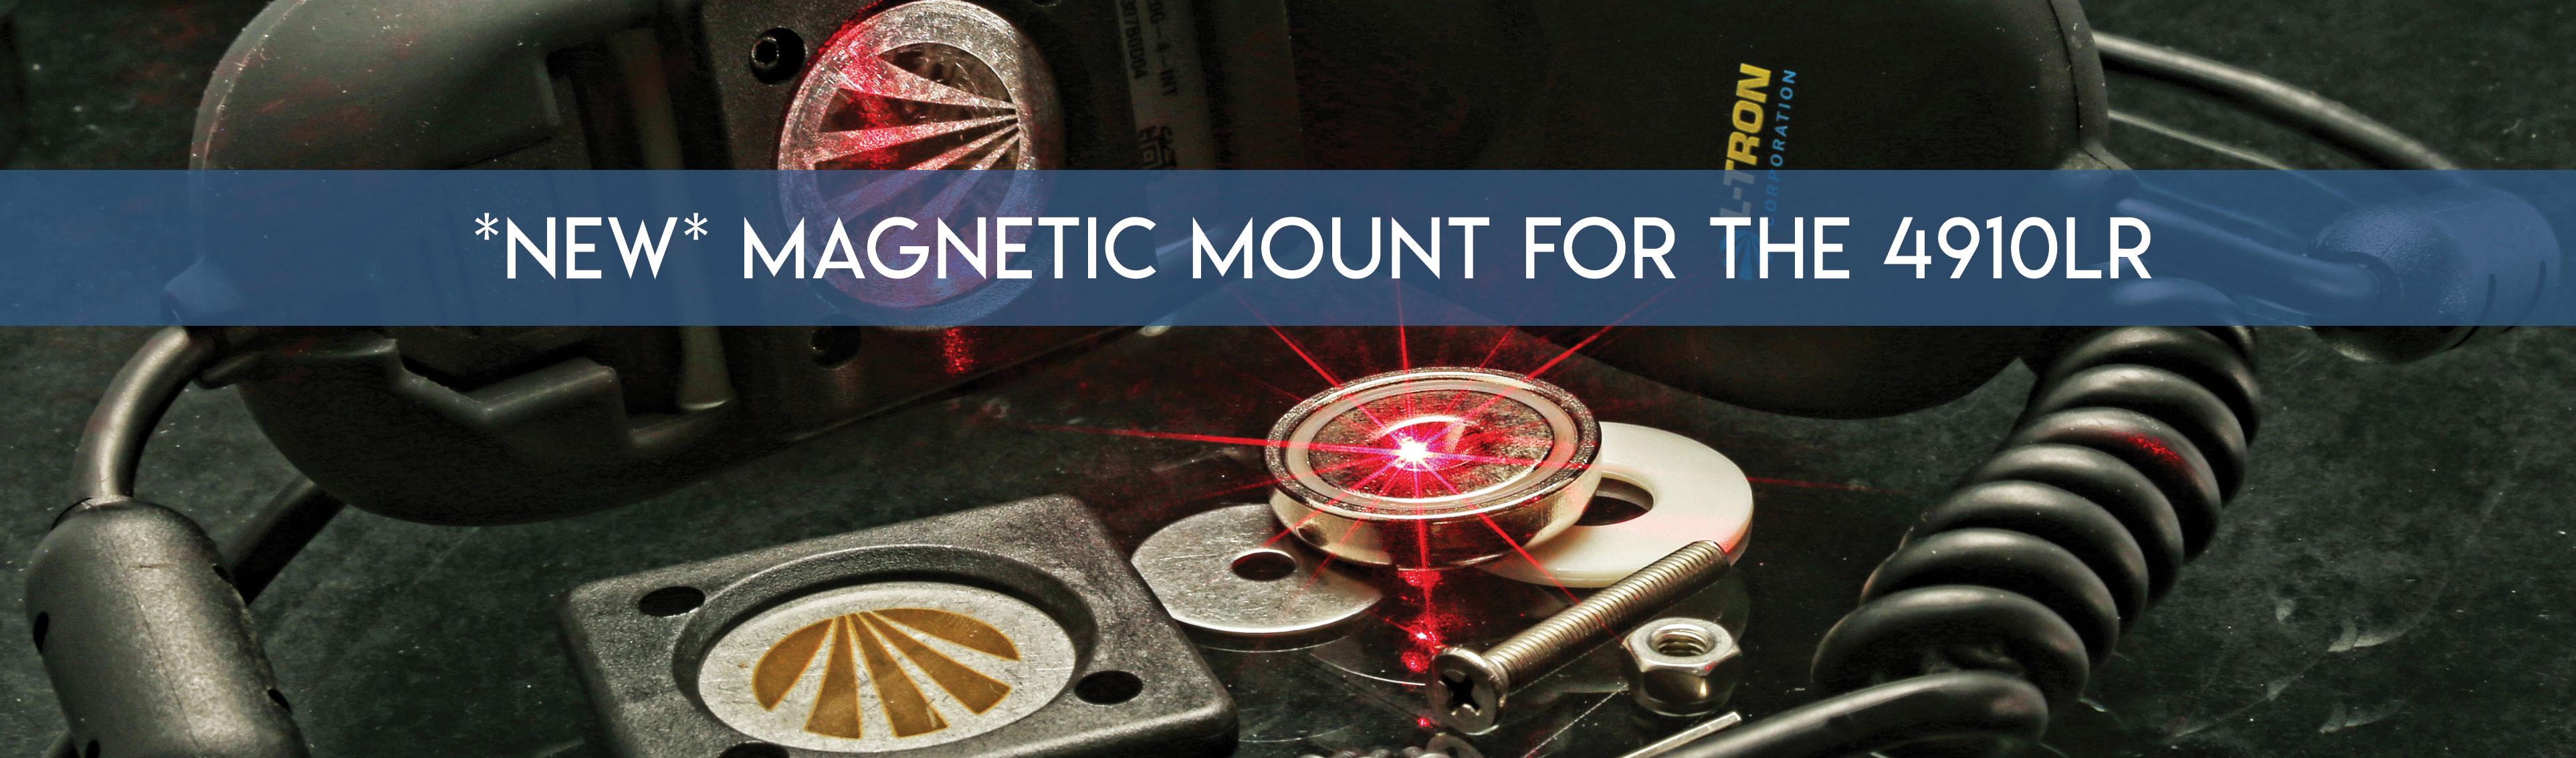 magnetic mount 4910lr